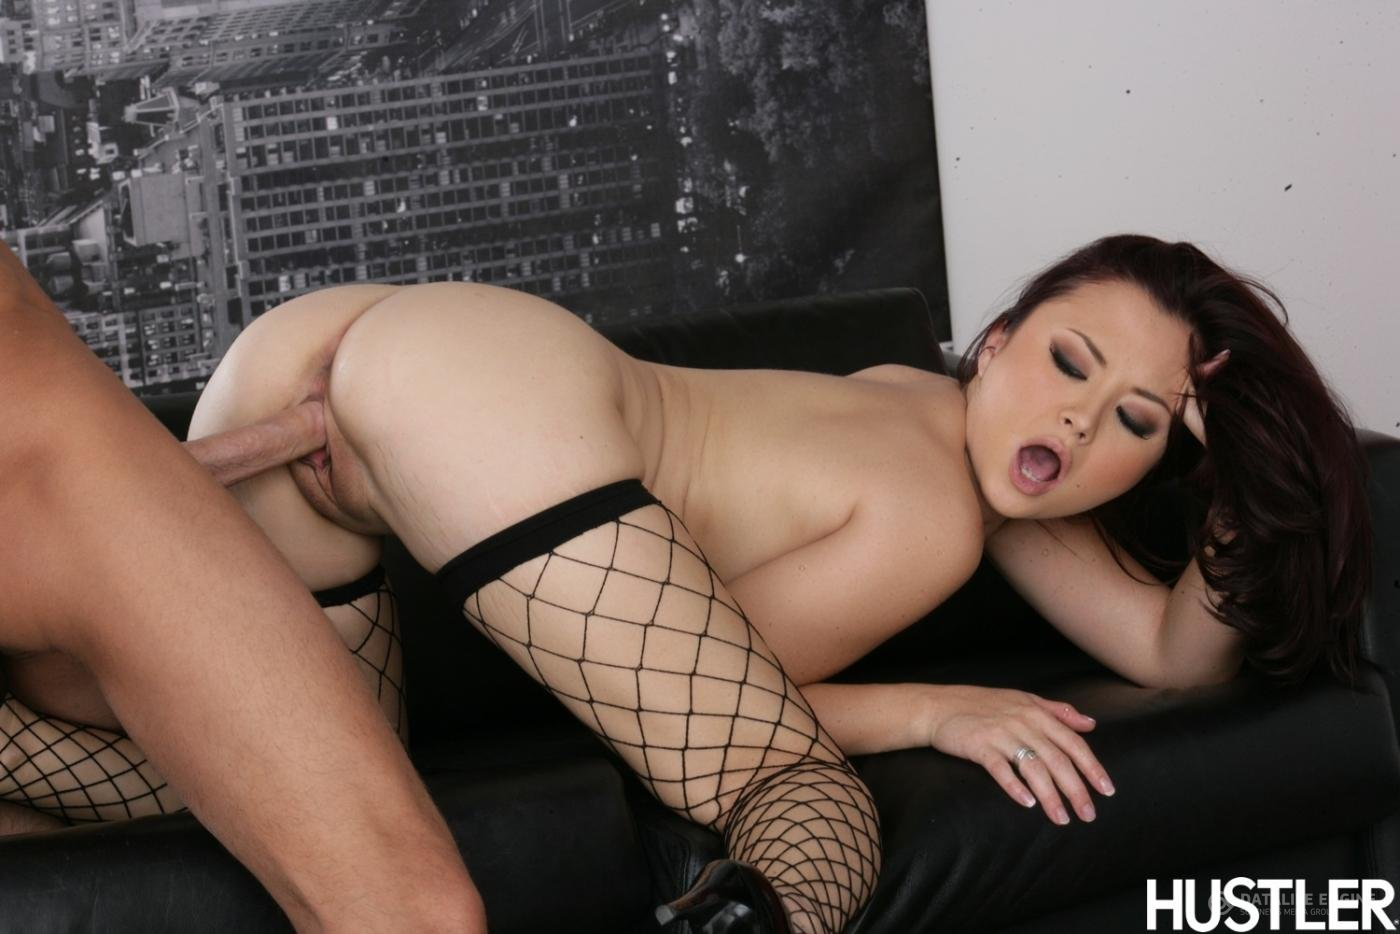 Смотреть порно онлайн азиатки красотки орал